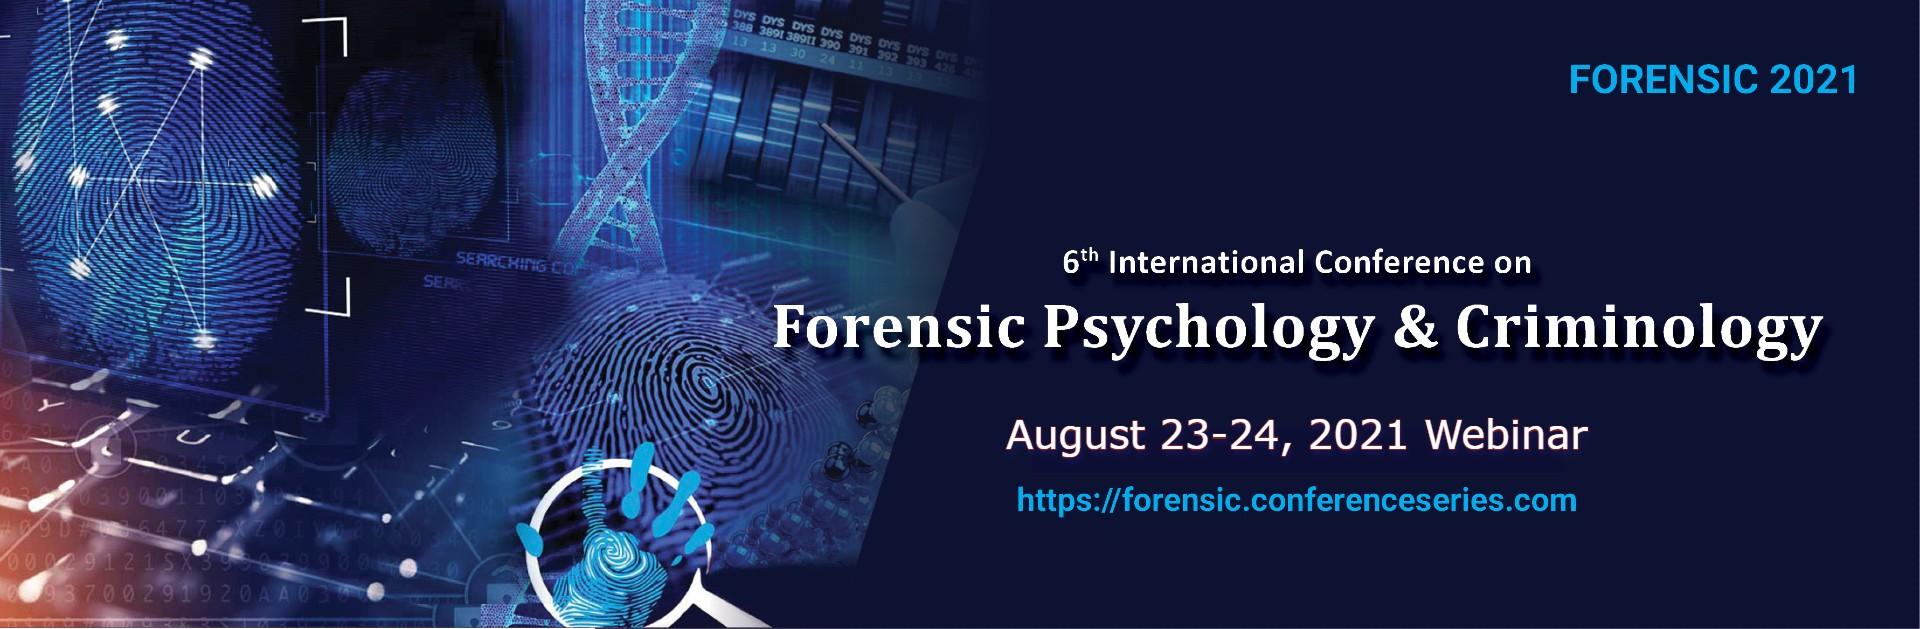 - Forensic 2021